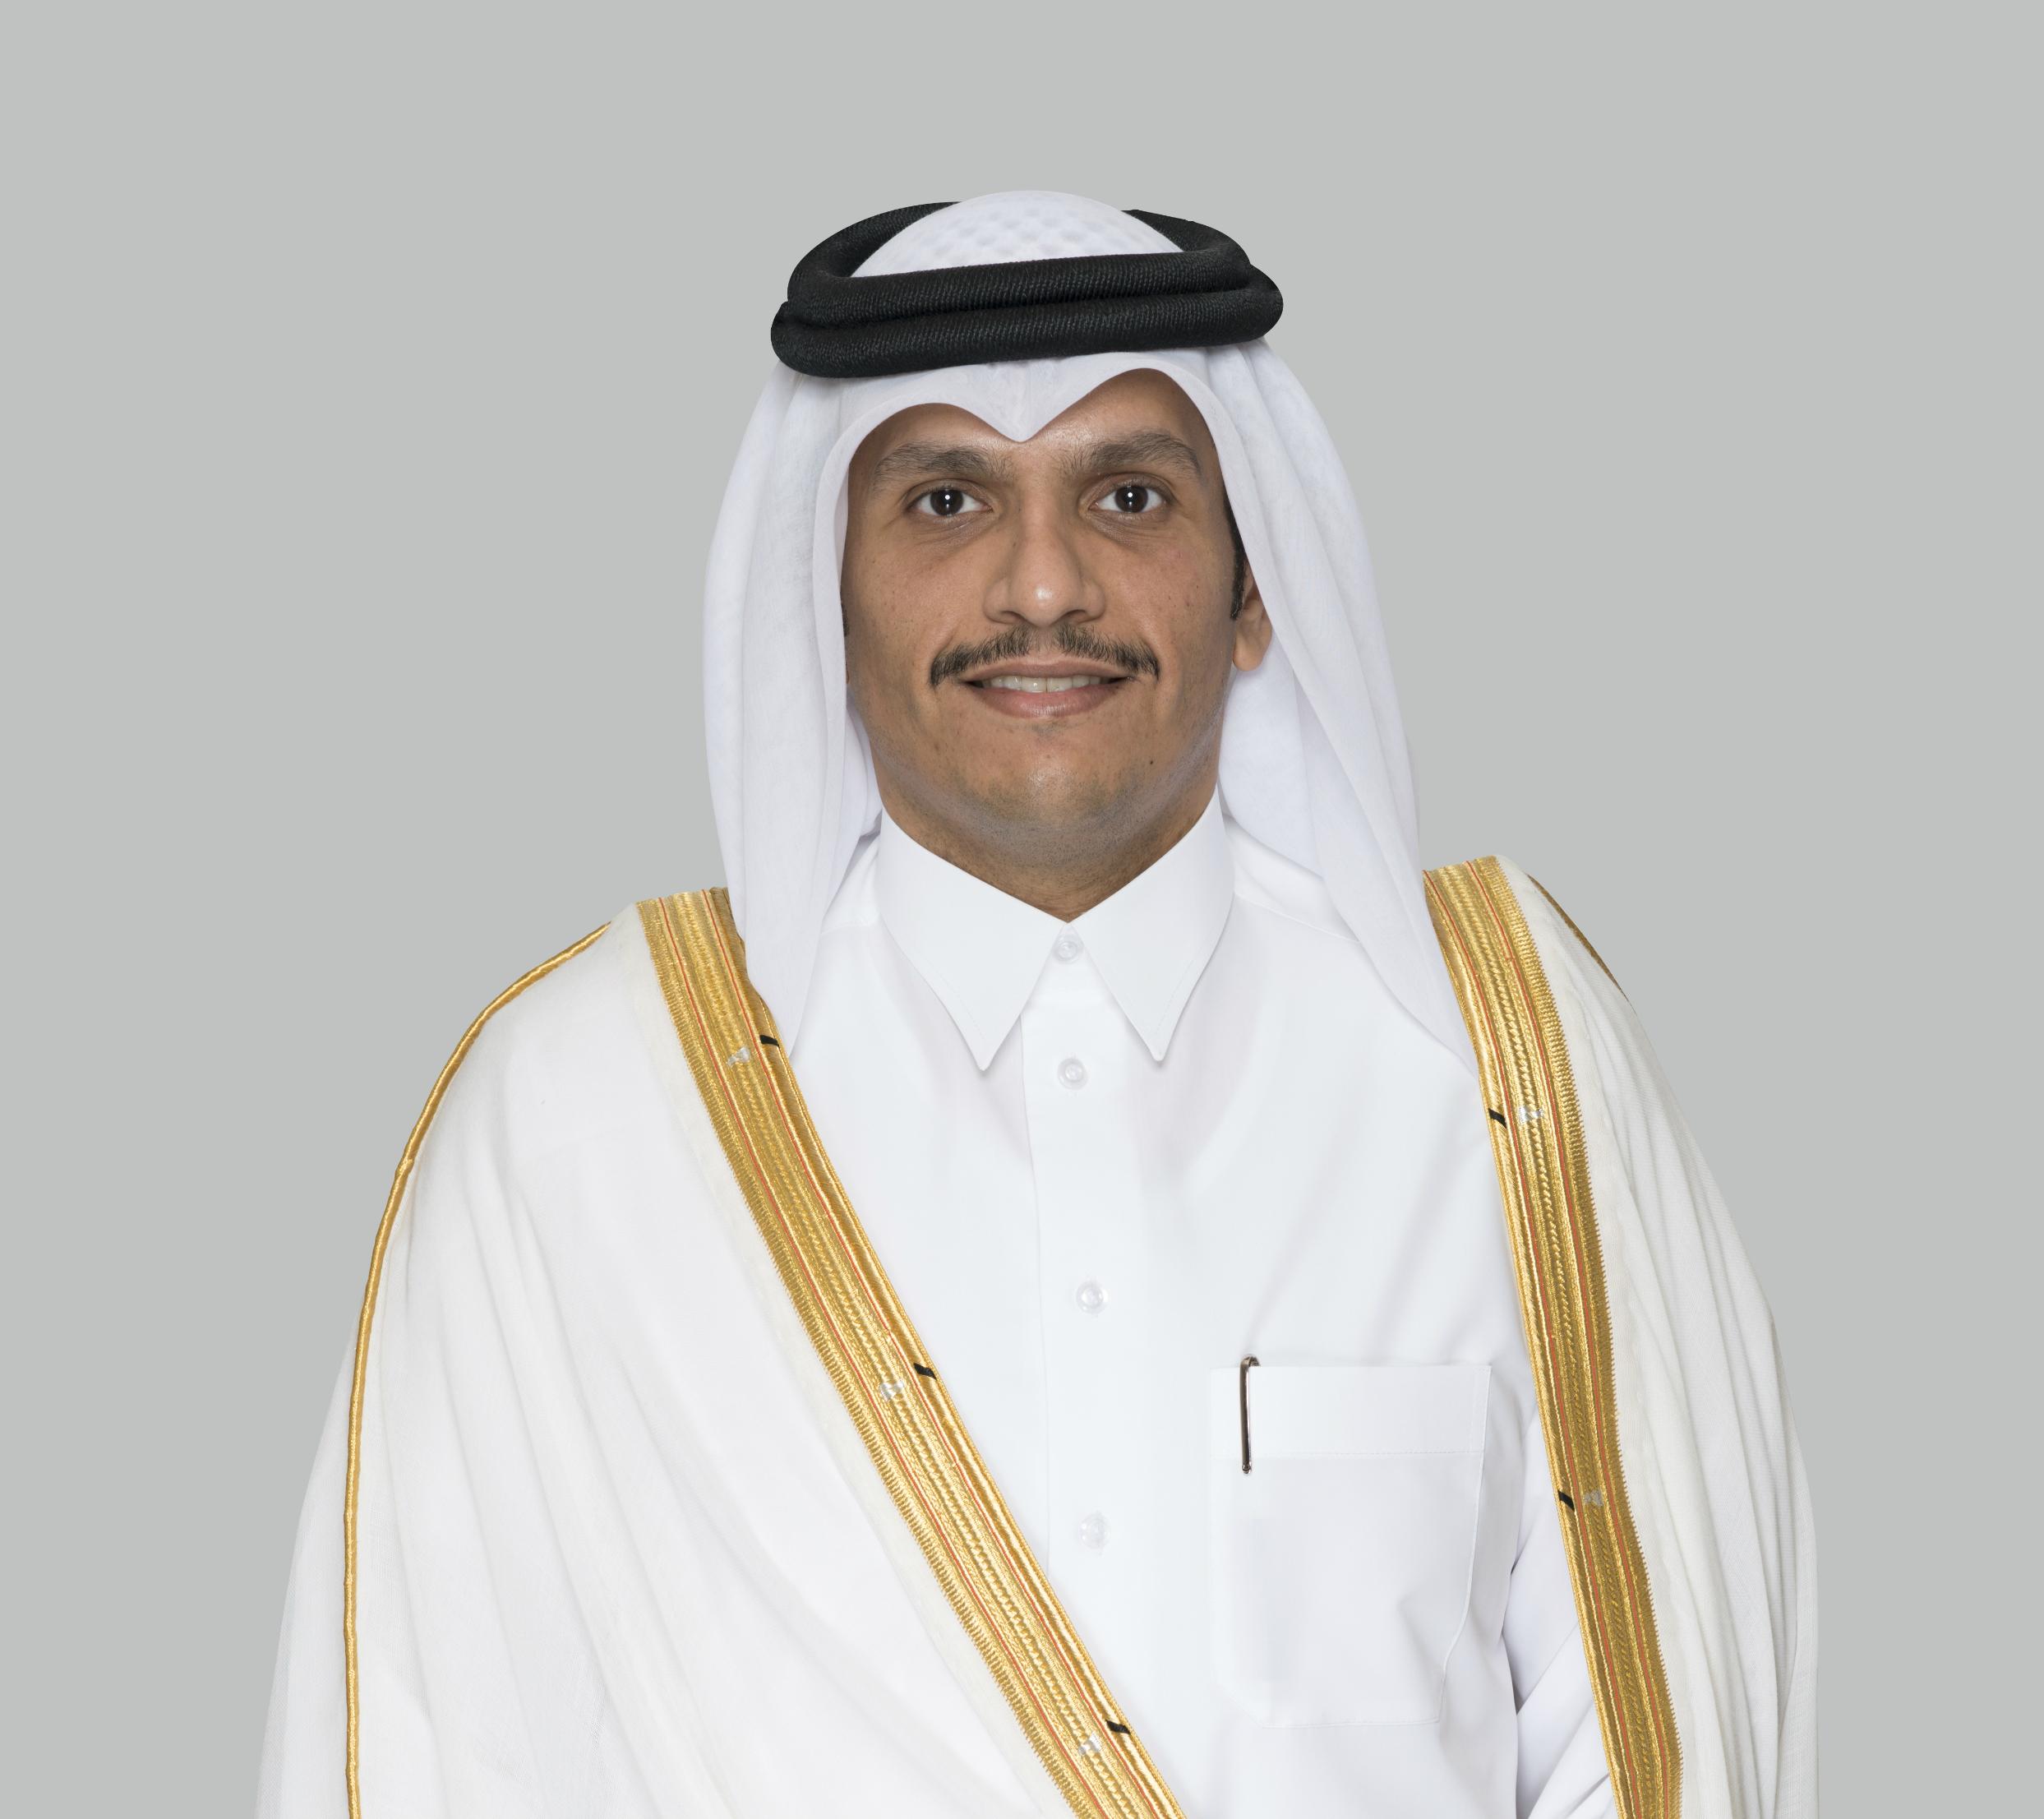 دولة قطر تدعم الاقتصاد اللبناني بـ500 مليون دولار